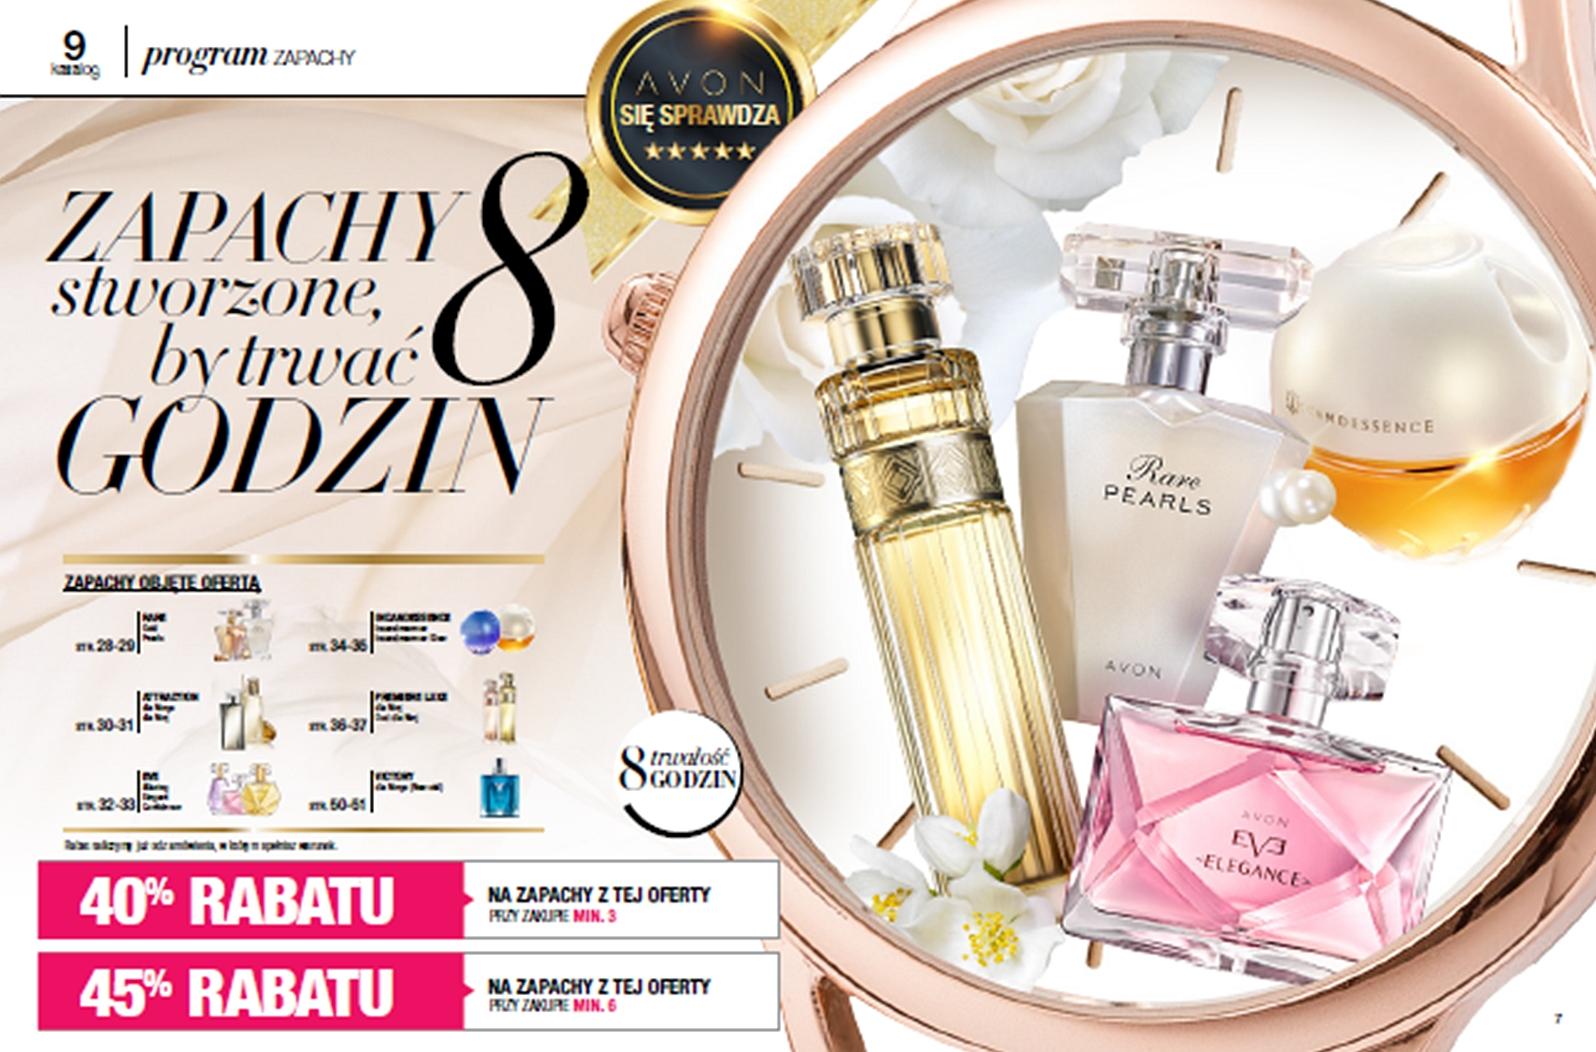 Perfumy Avon 40% taniej Katalog 9/2018